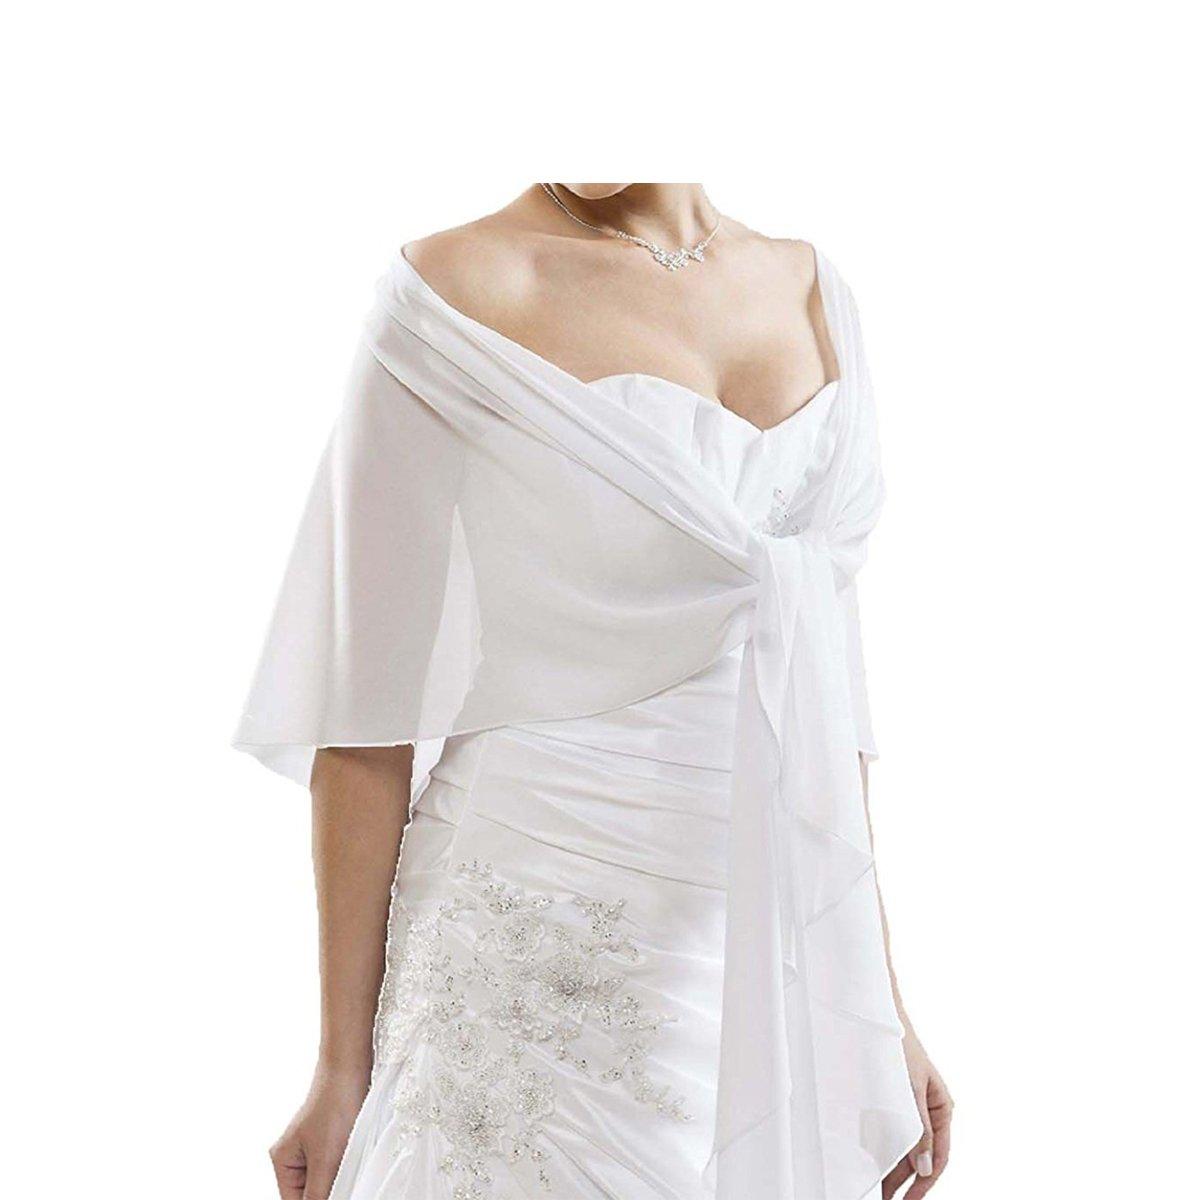 CoCogirls Chiffon Stola Schal für Kleider in verschiedenen Farben zu jedem Brautkleid - Abendkleid, Hochzeit Abend Gala Empfang (One-Size, White 1)